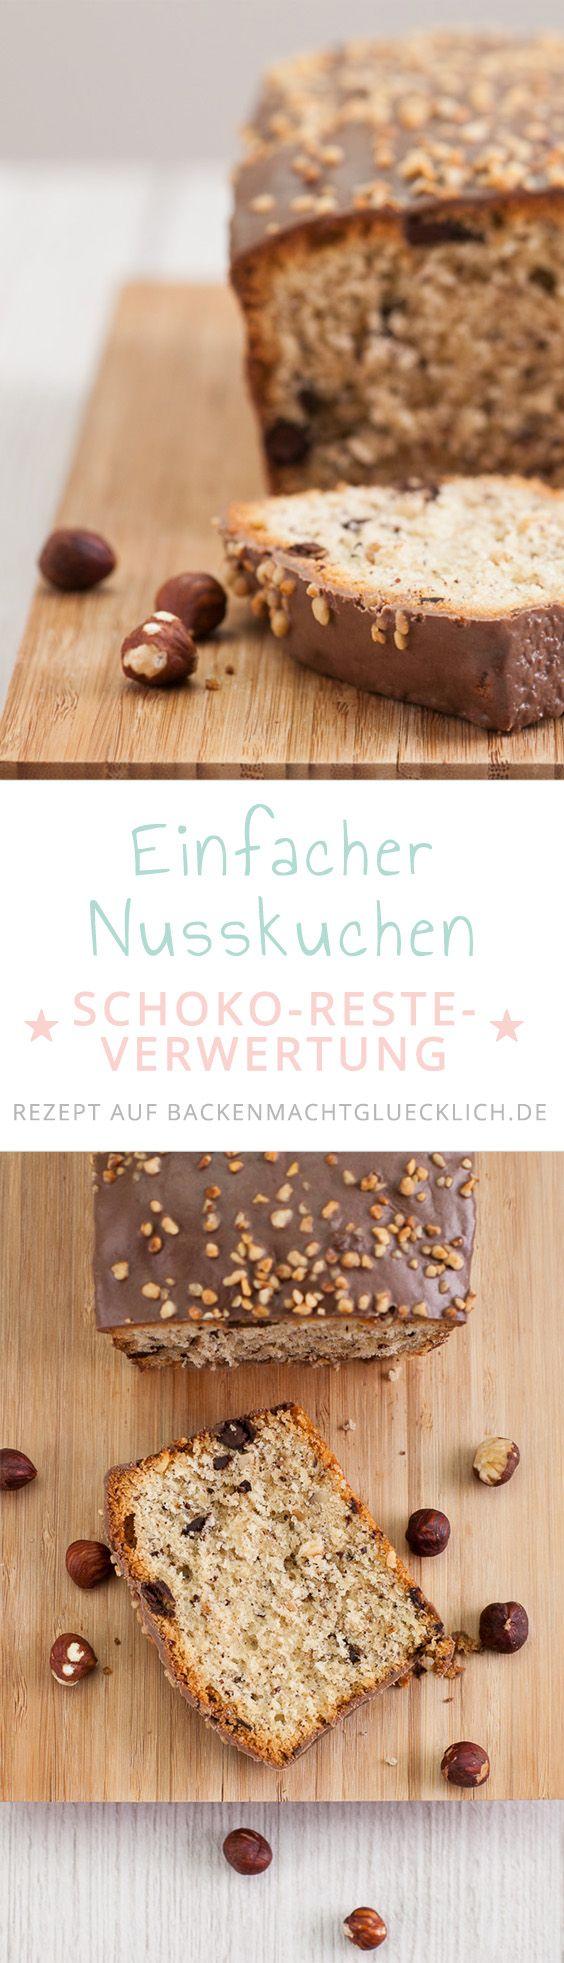 Einfaches Nusskuchen-Rezept, das super zur Restverwertung von Nüssen, Schokolade und Co dient. Der Schokonusskuchen ist saftig und kann mit gemahlenen oder gehackten Nüssen gebacken werden.